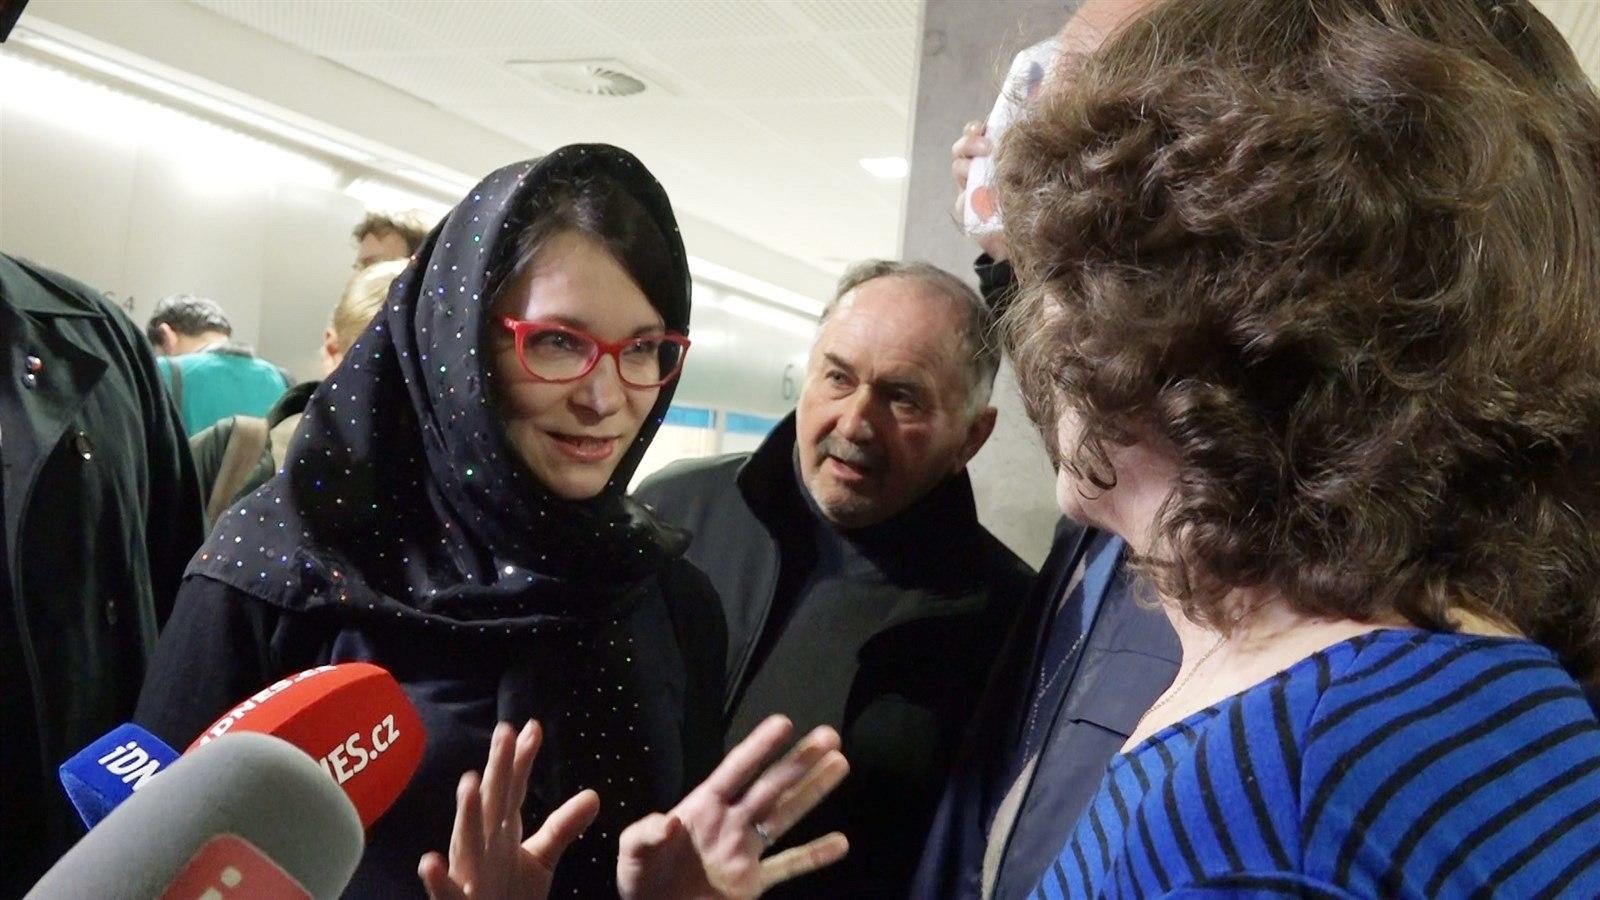 Spor o hidžáb pokračuje neveřejně, soudkyně lidi kvůli povyku vykázala (iDNES.cz)